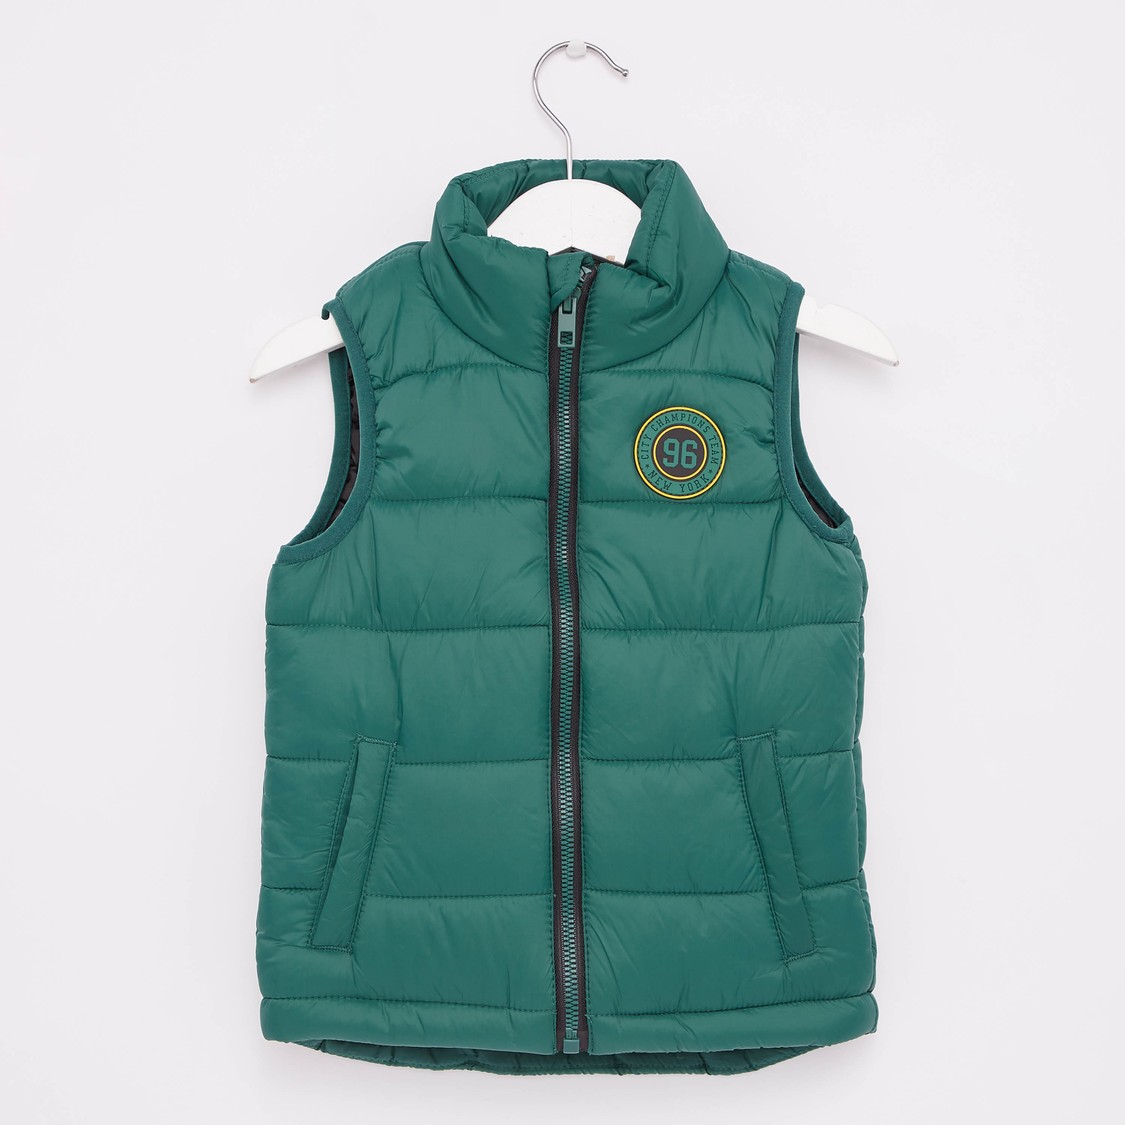 Solid Sleeveless Jacket